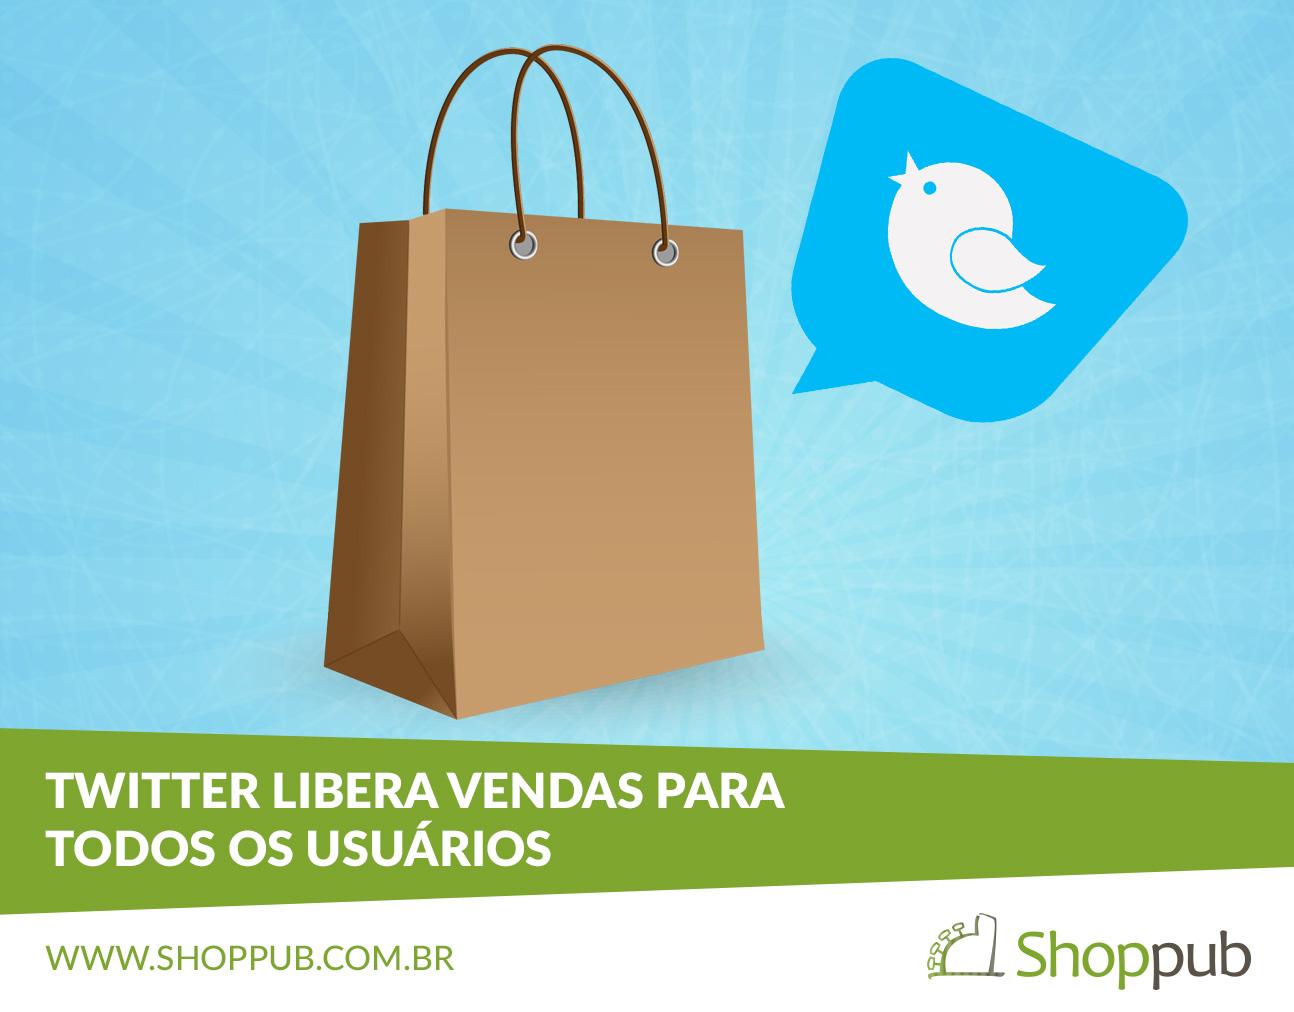 Twitter libera vendas para todos os usuários